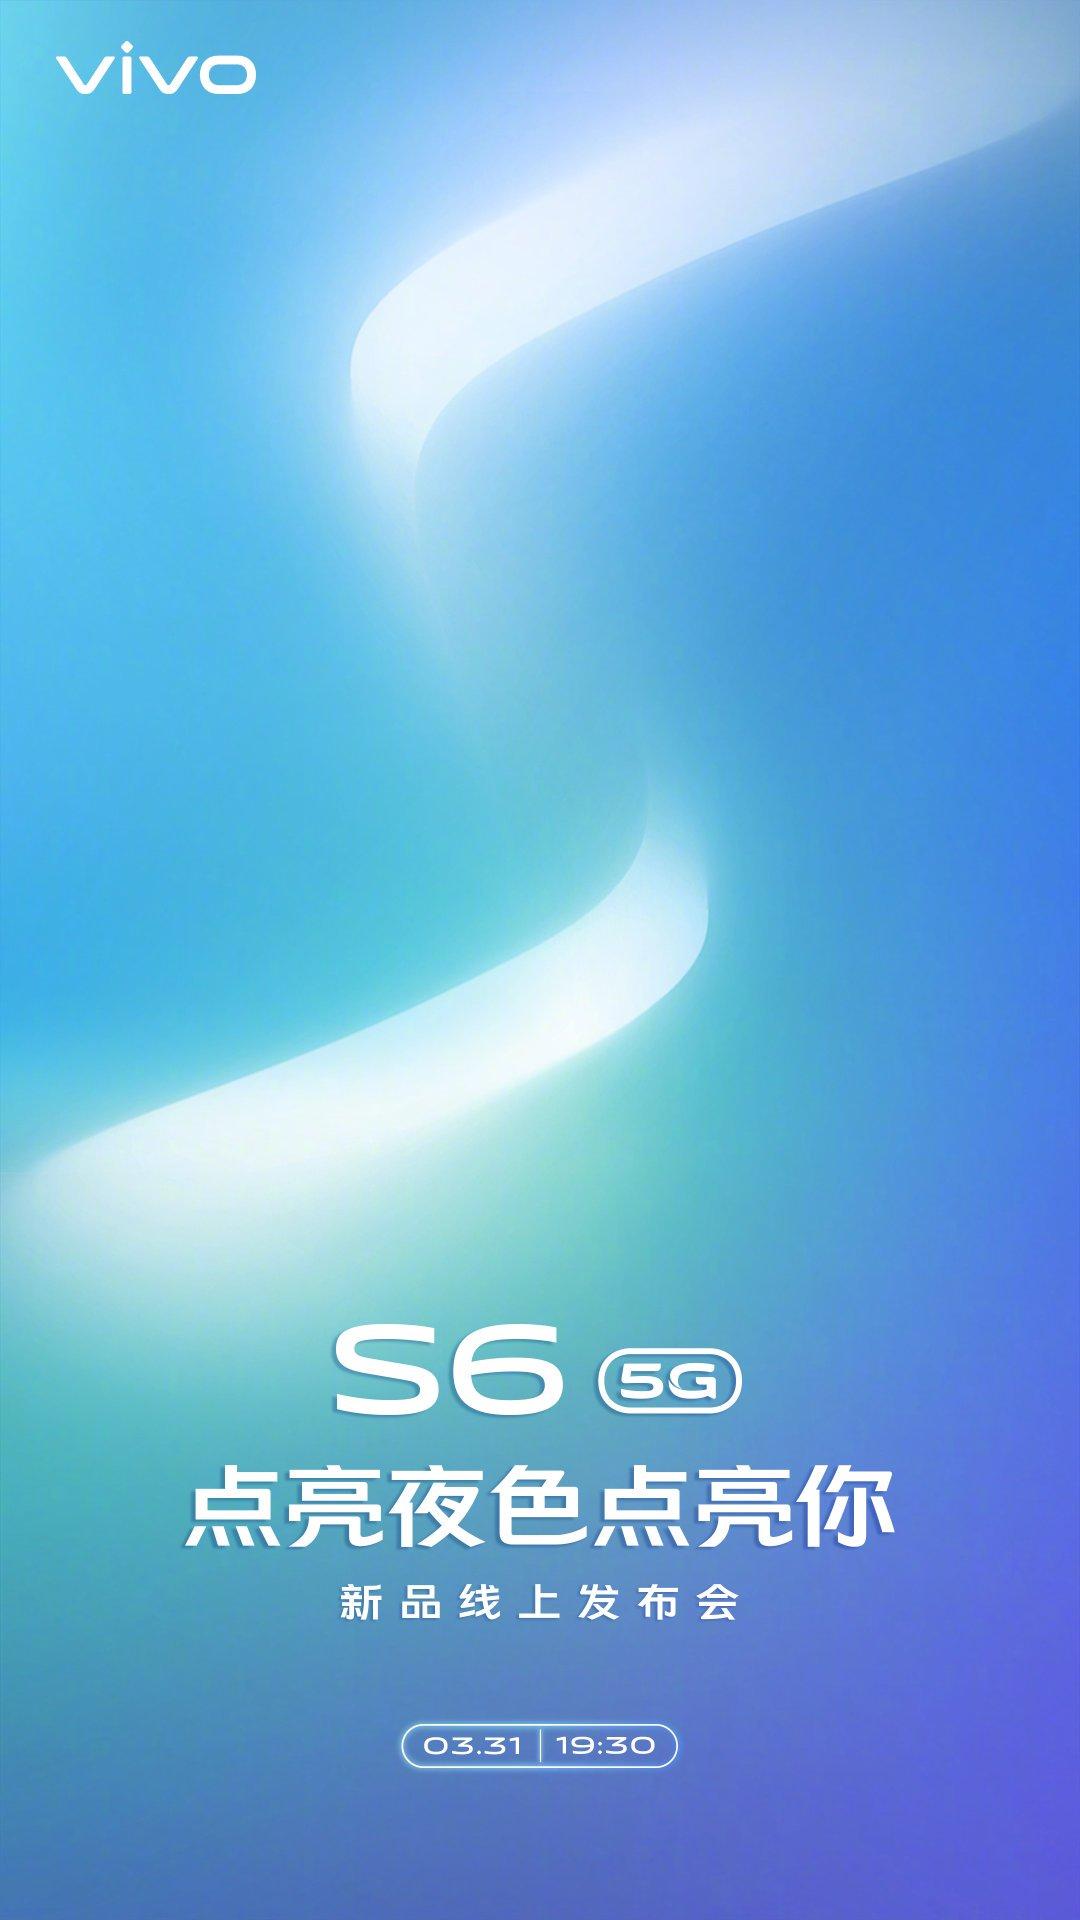 Vivo S6 5G 31. März